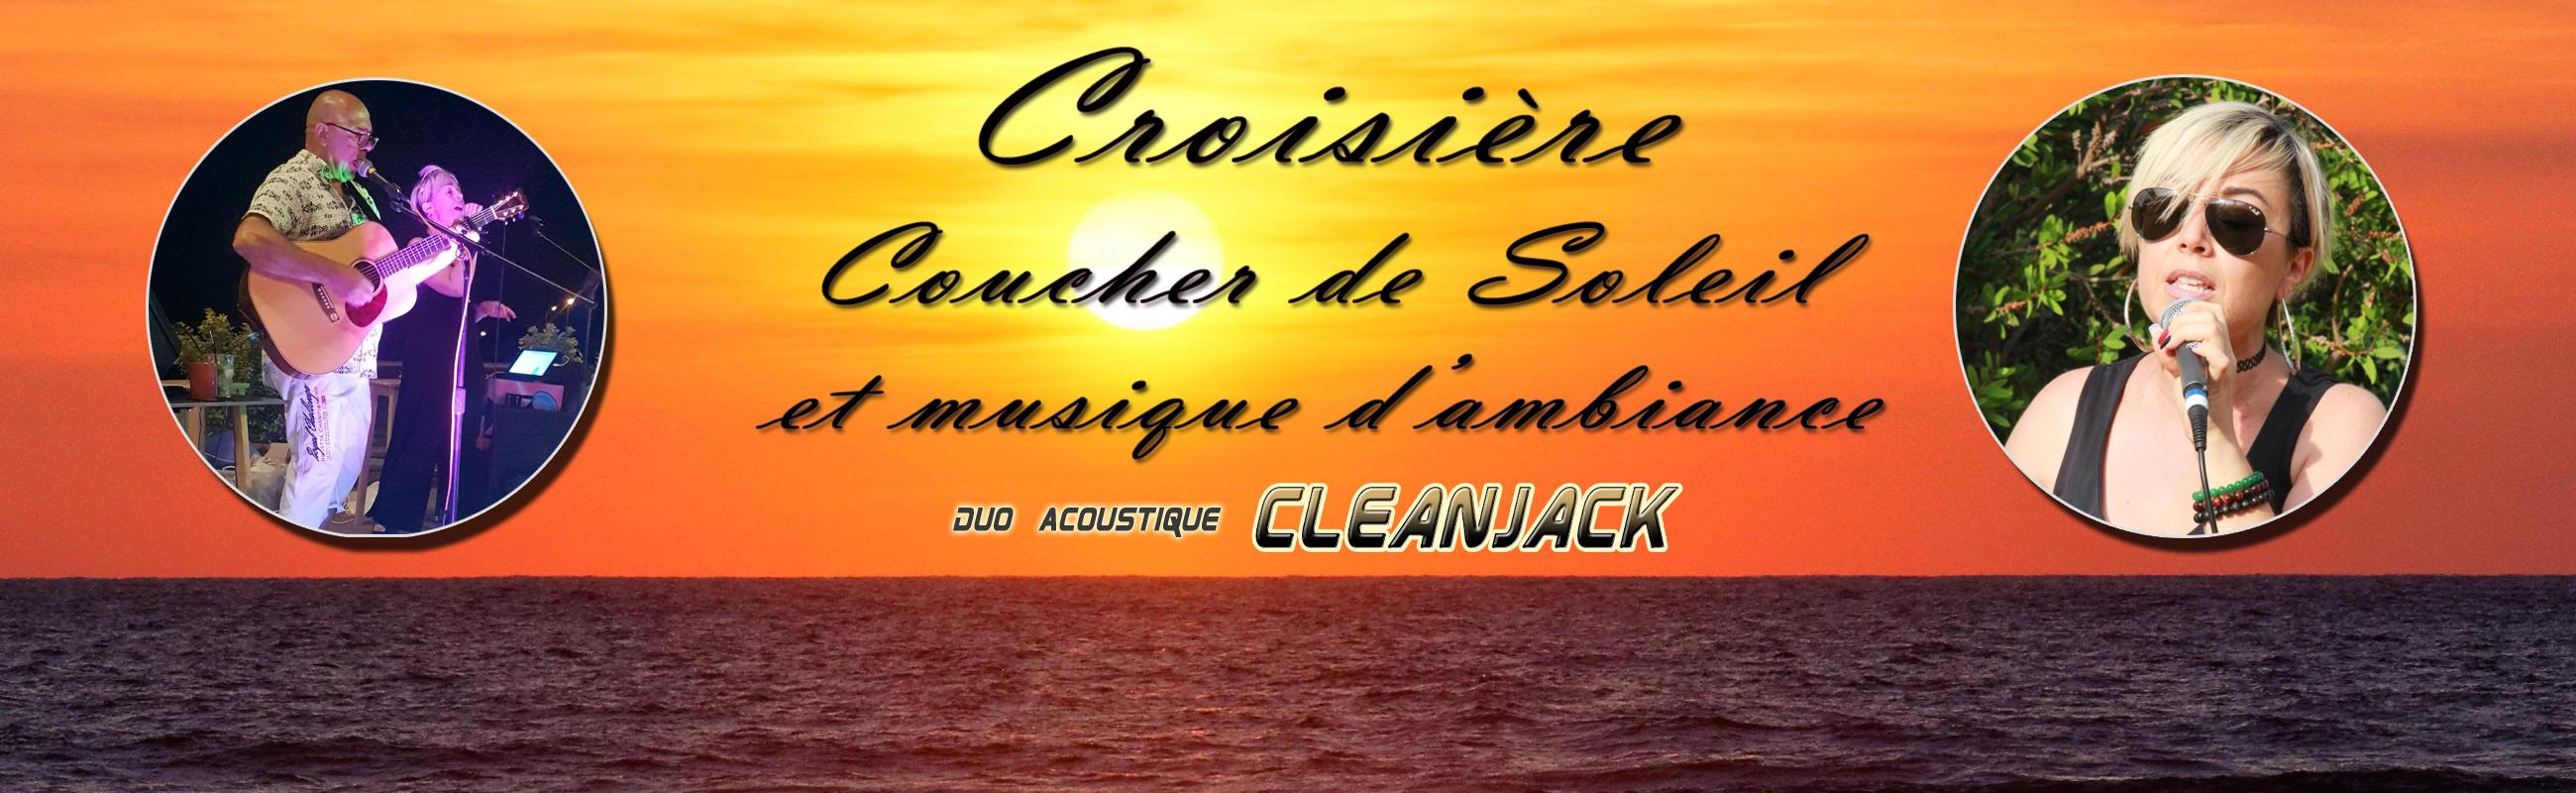 croisière coucher de soleil musical avec le duo cleanjack à bord du catamaran navivoile au départ de canet en roussillon